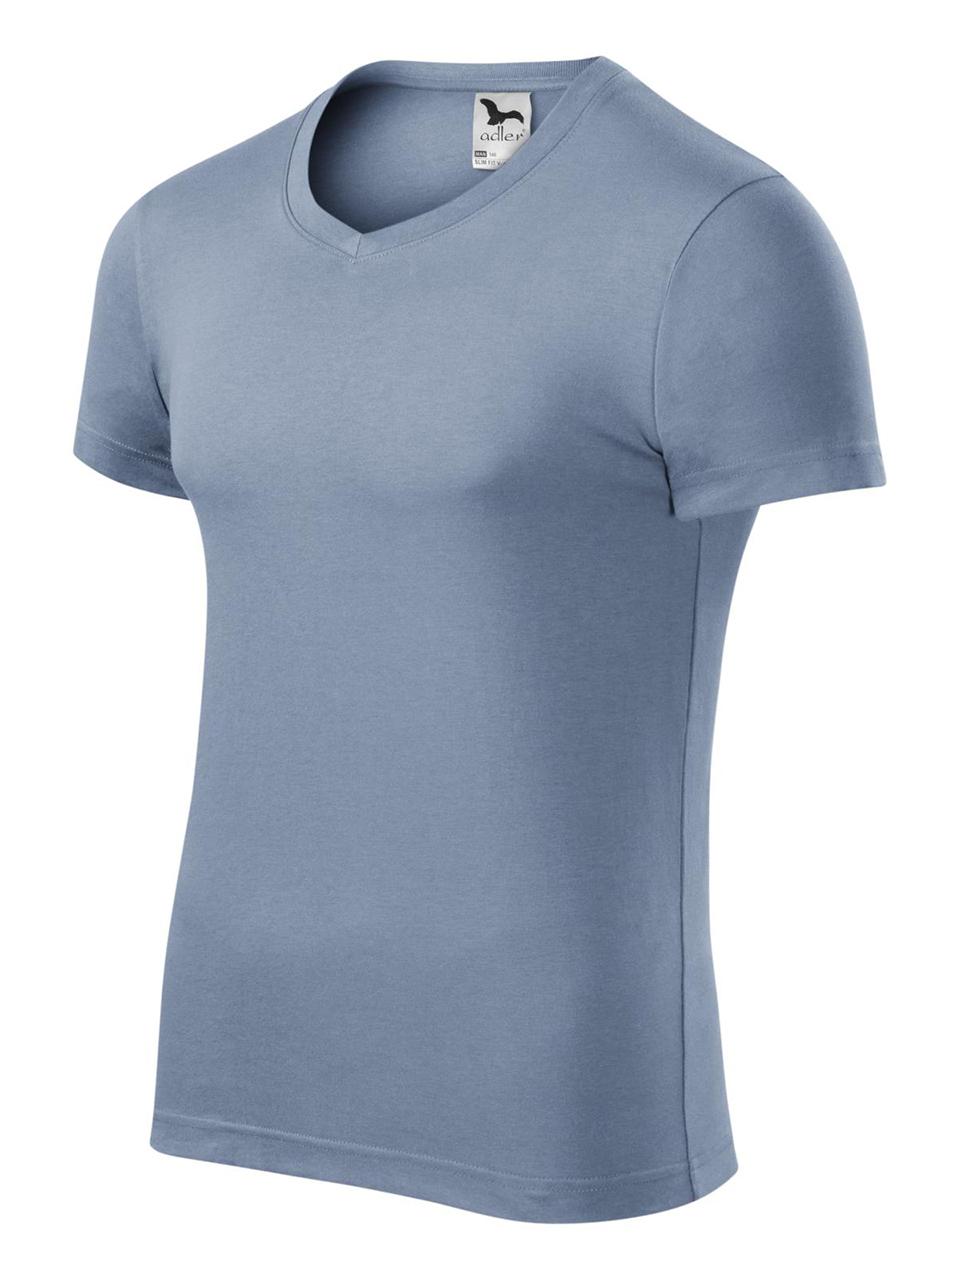 28ffb3508de Vytvořit vlastní tričko s potiskem